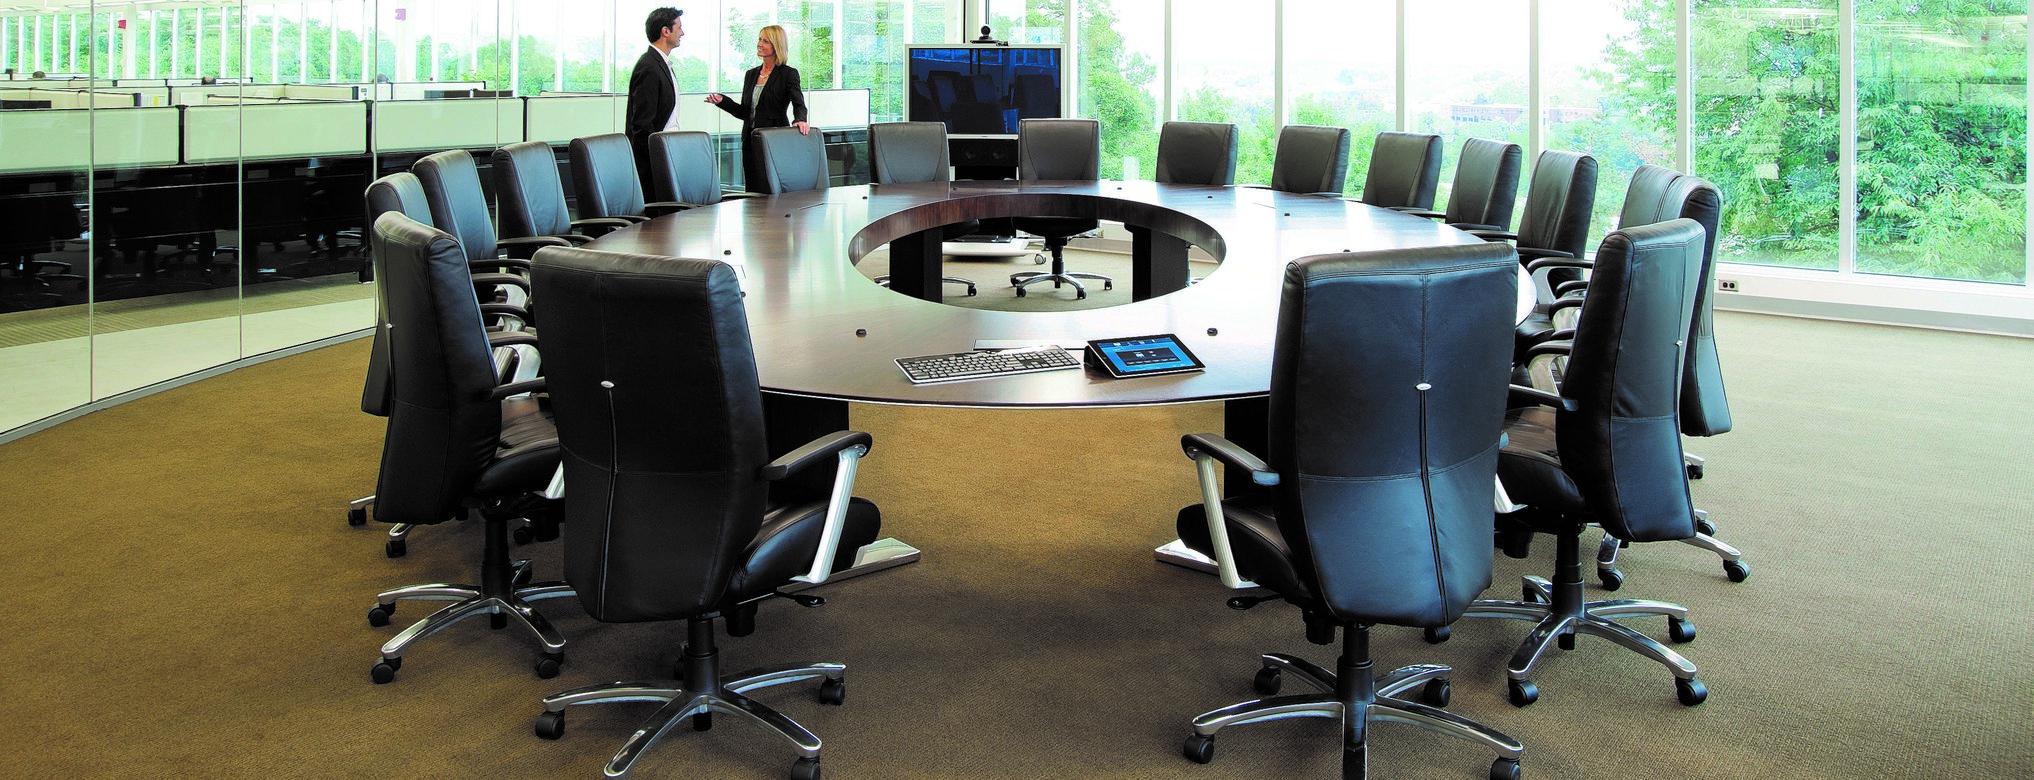 rsz_faef_boardroom (1)